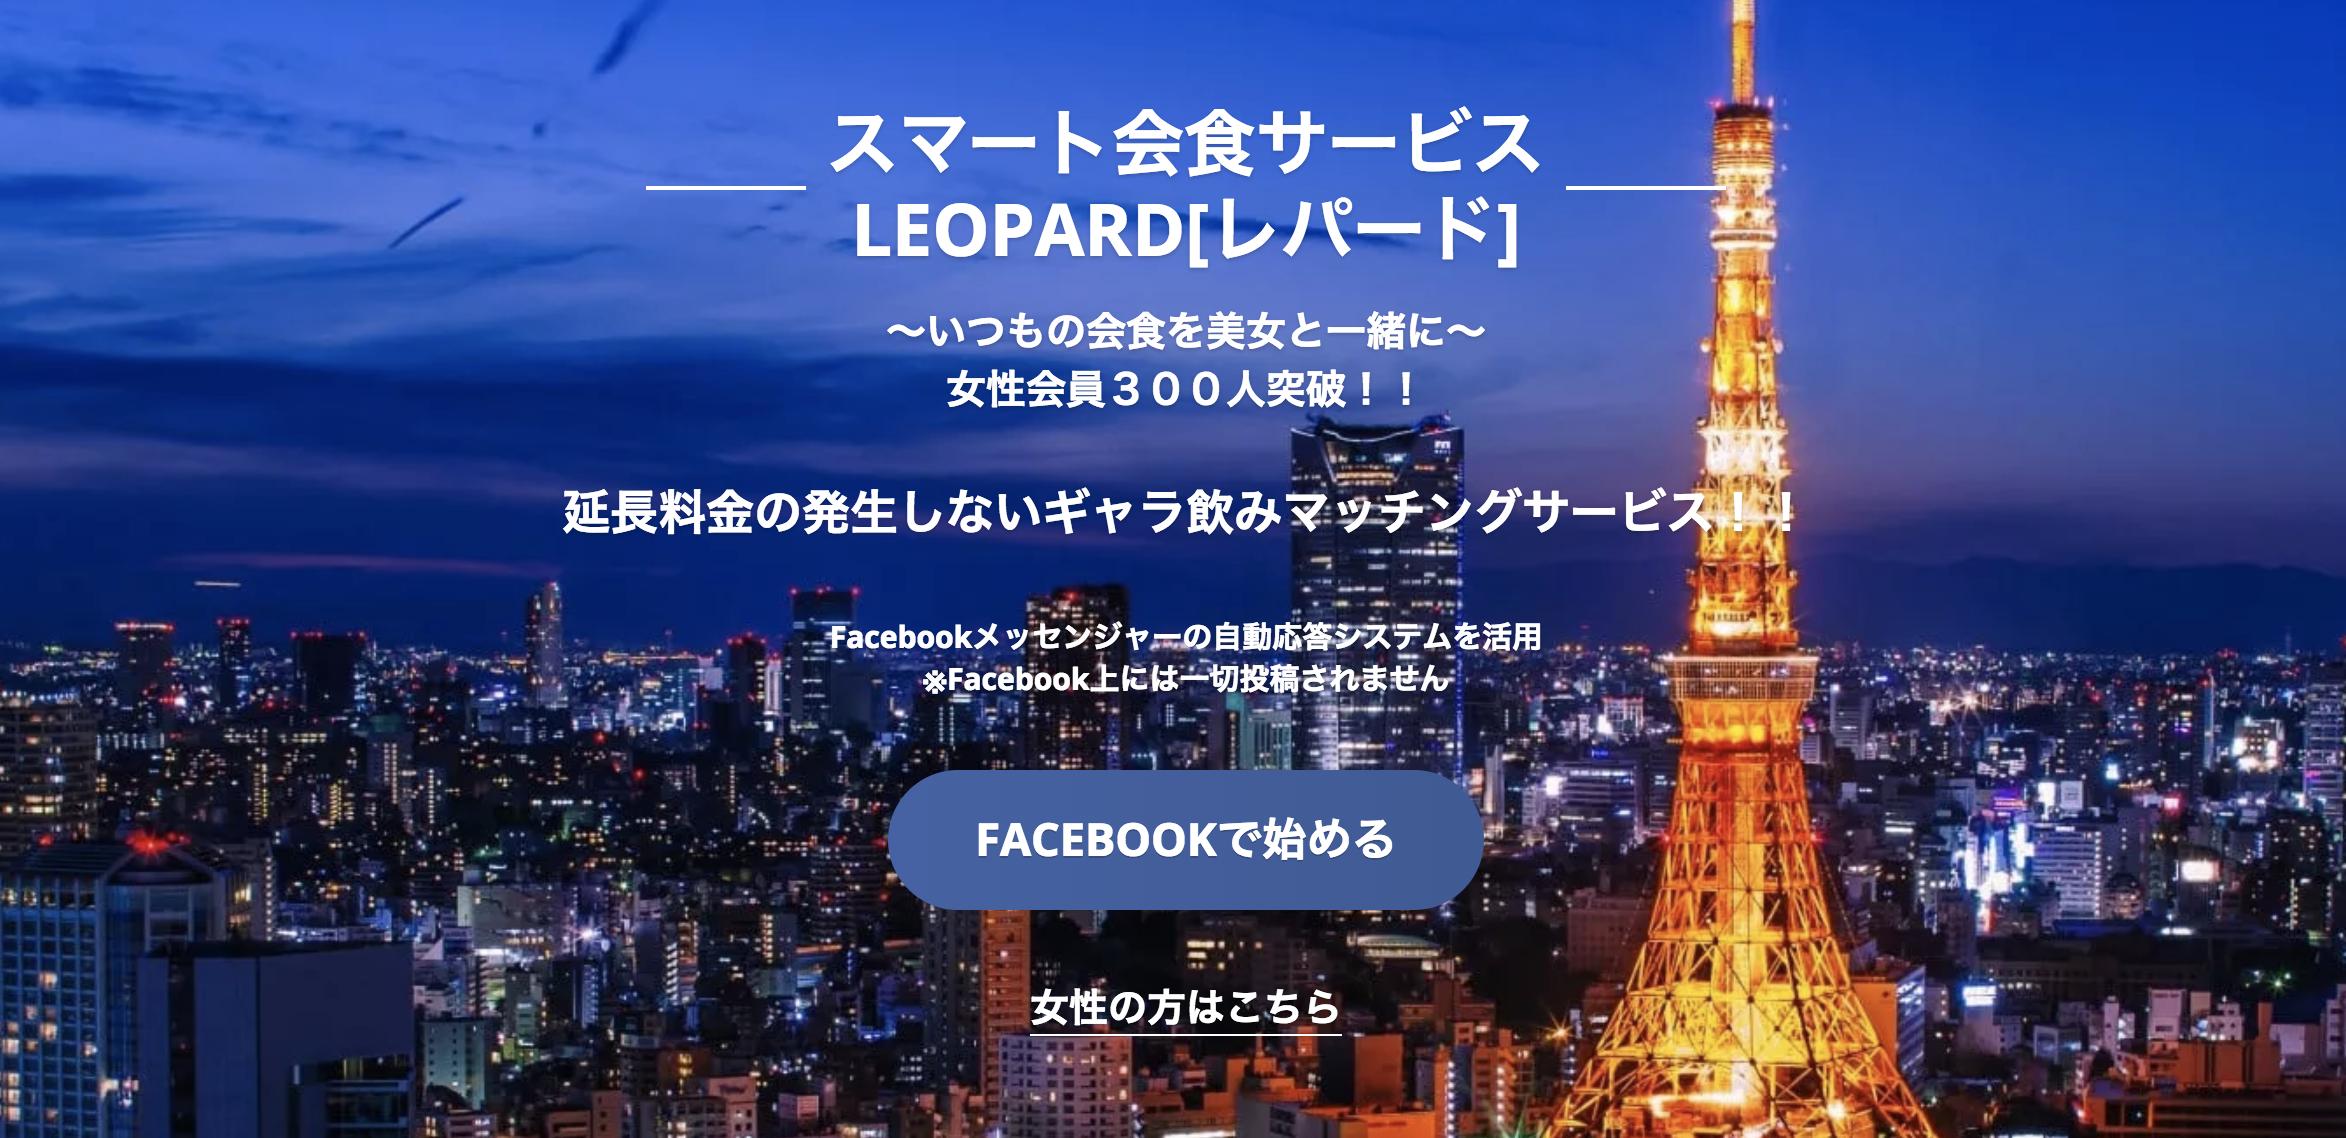 ギャラ飲み アプリ サイト LEOPARD(レパード)